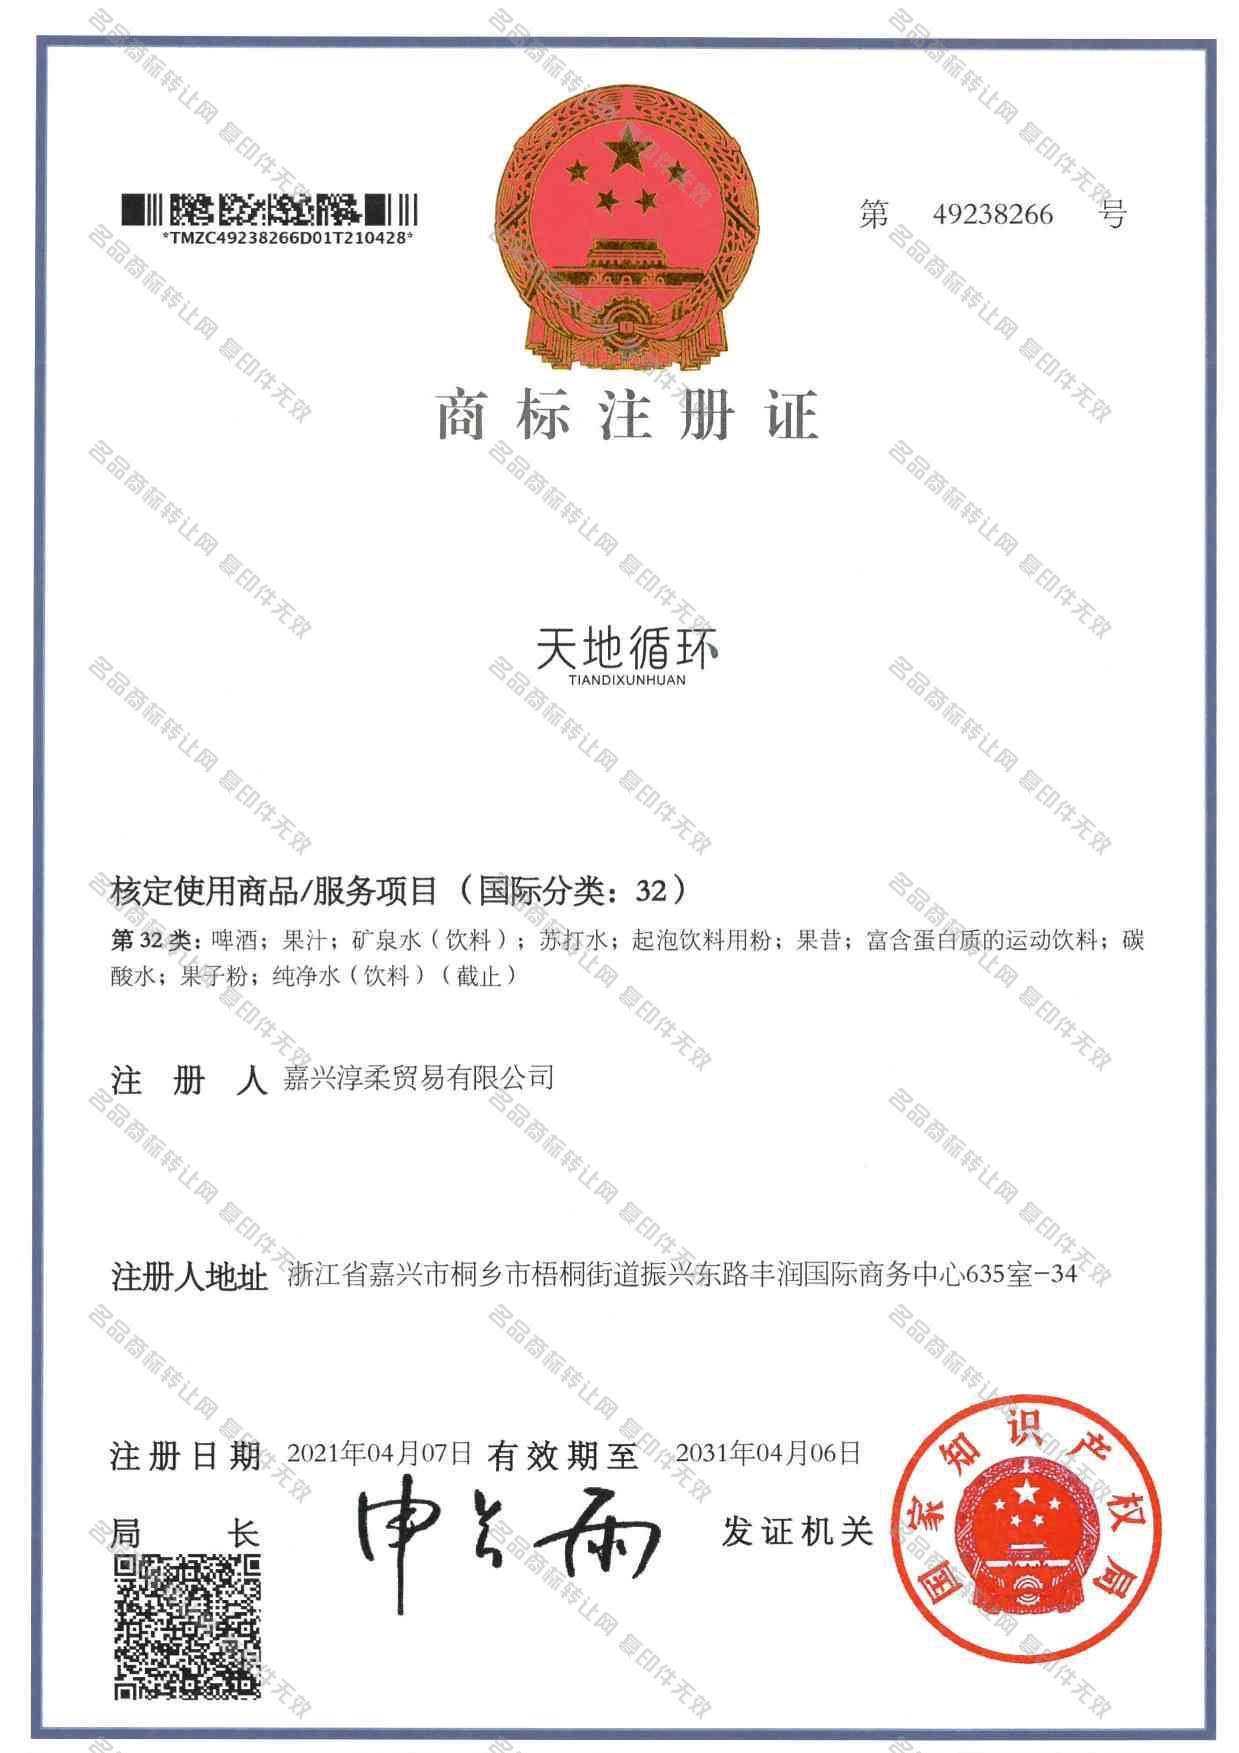 天地循环注册证